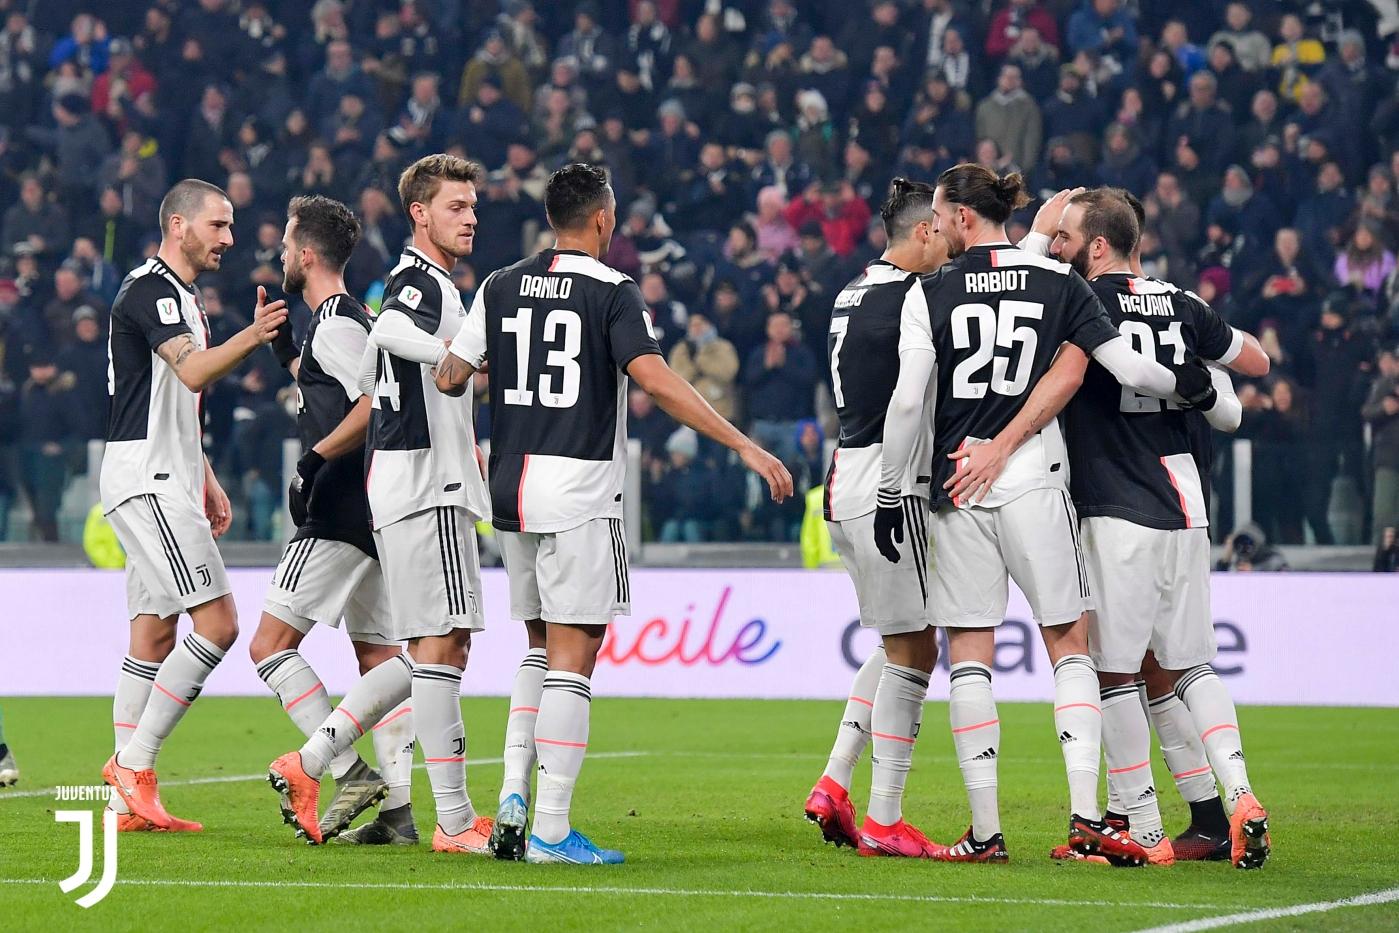 Para pemain Juventus merayakan gol. (Twitter/@juventusfc)